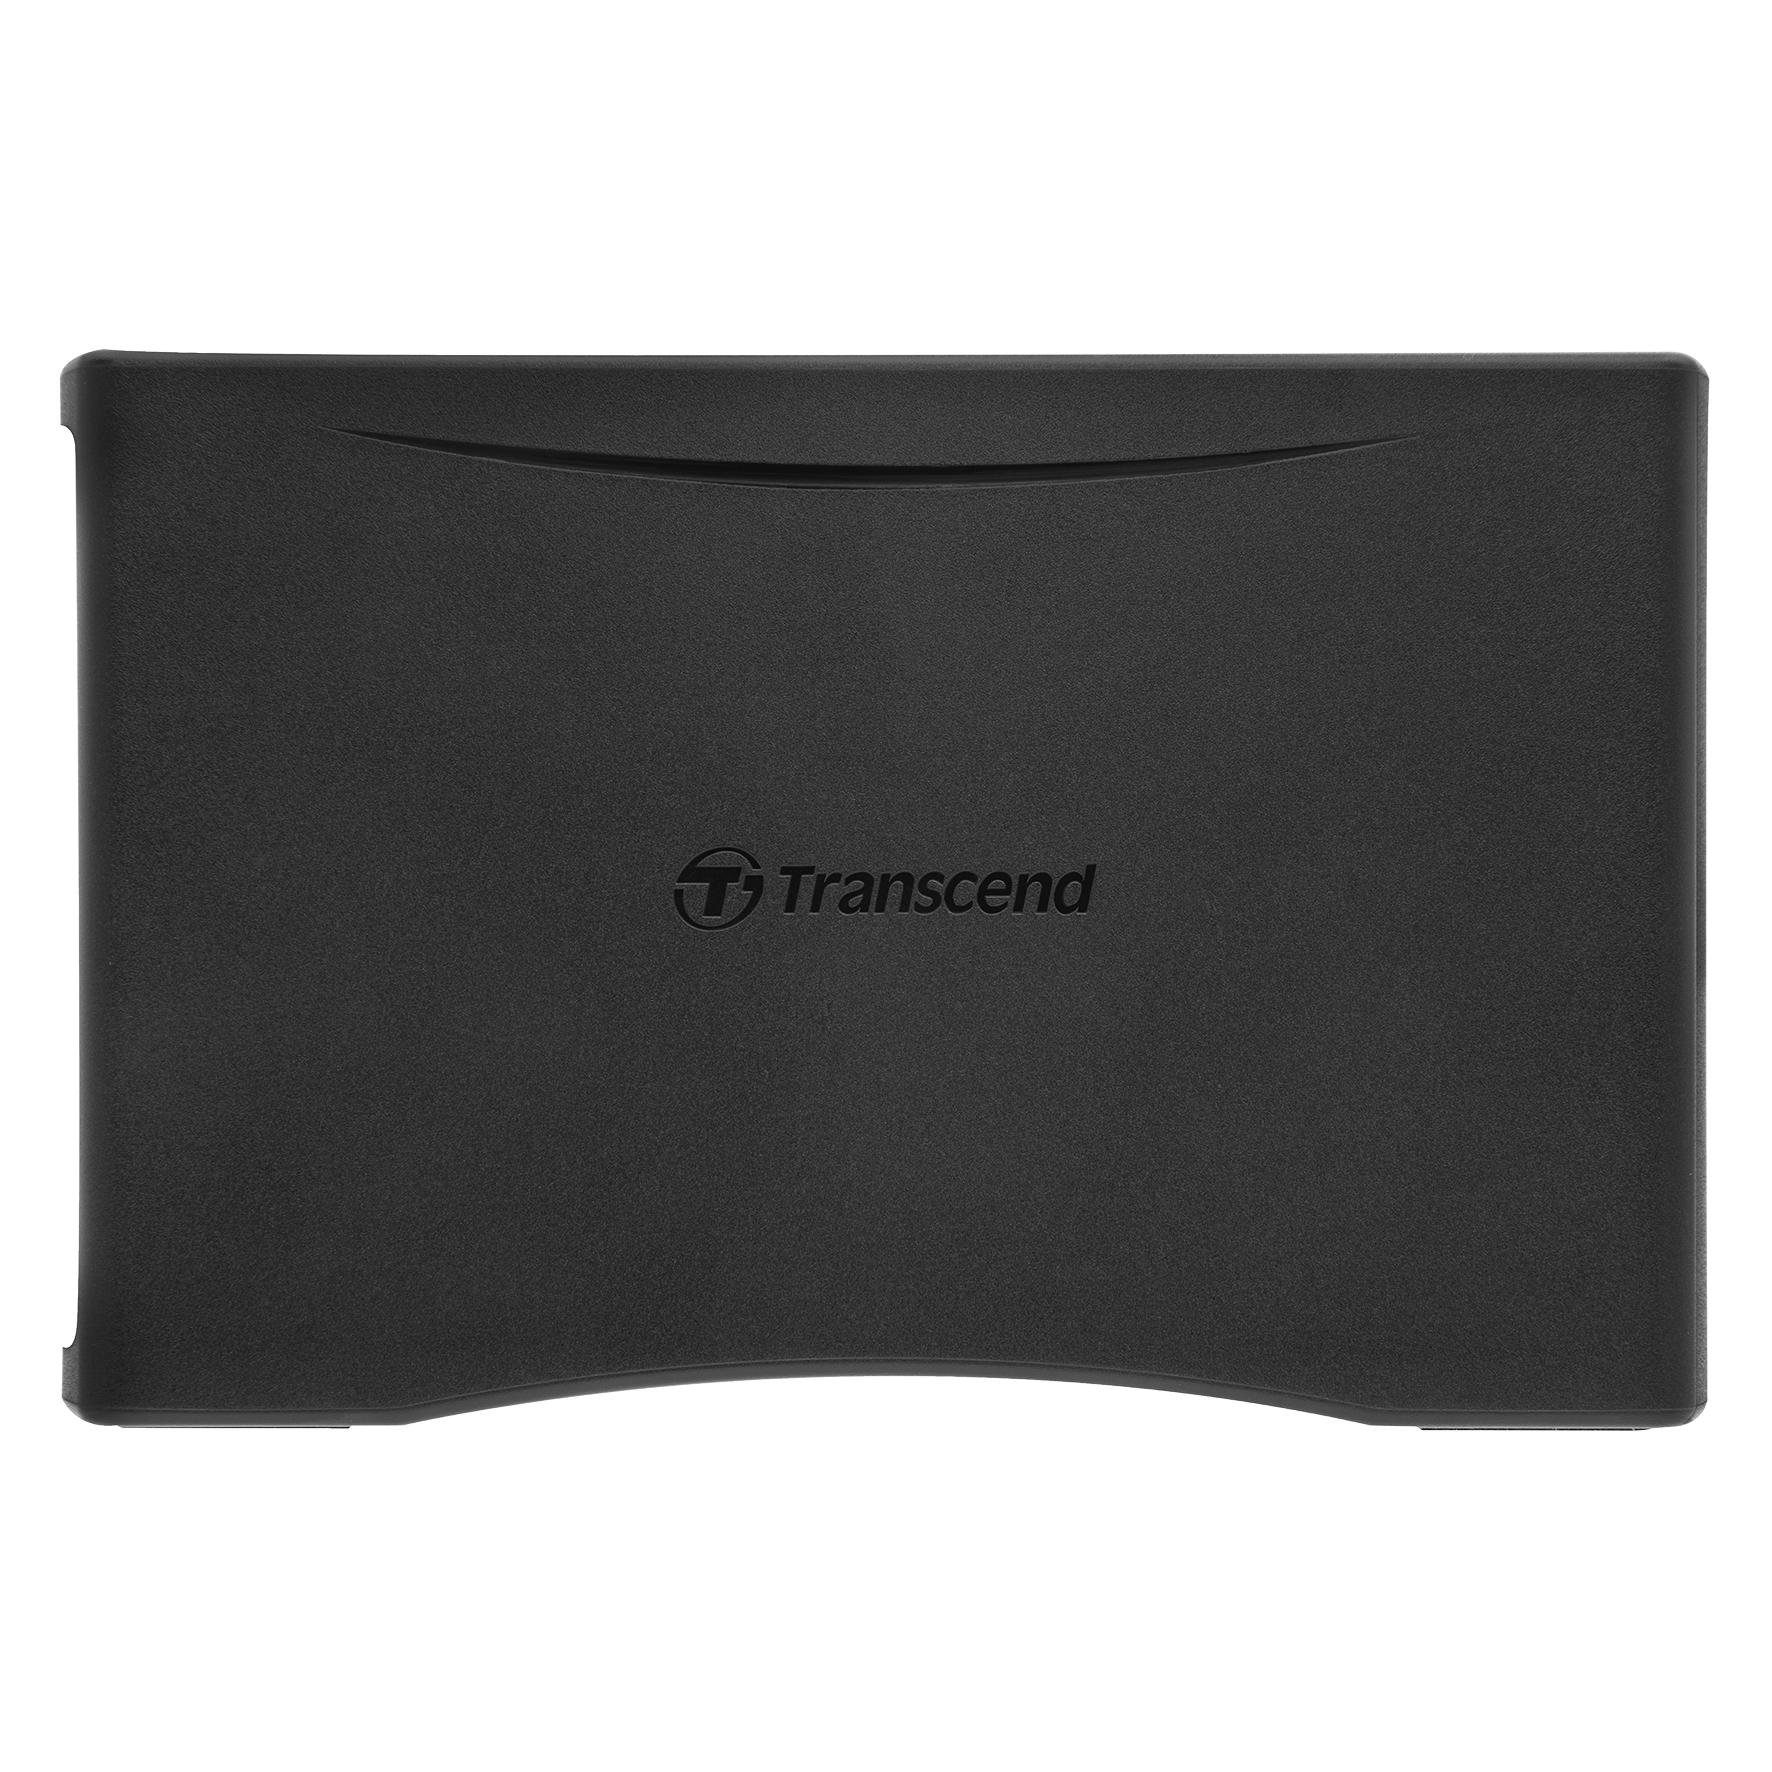 Transcend Information, Inc.-Personal Cloud Storage (StoreJet Cloud 110)